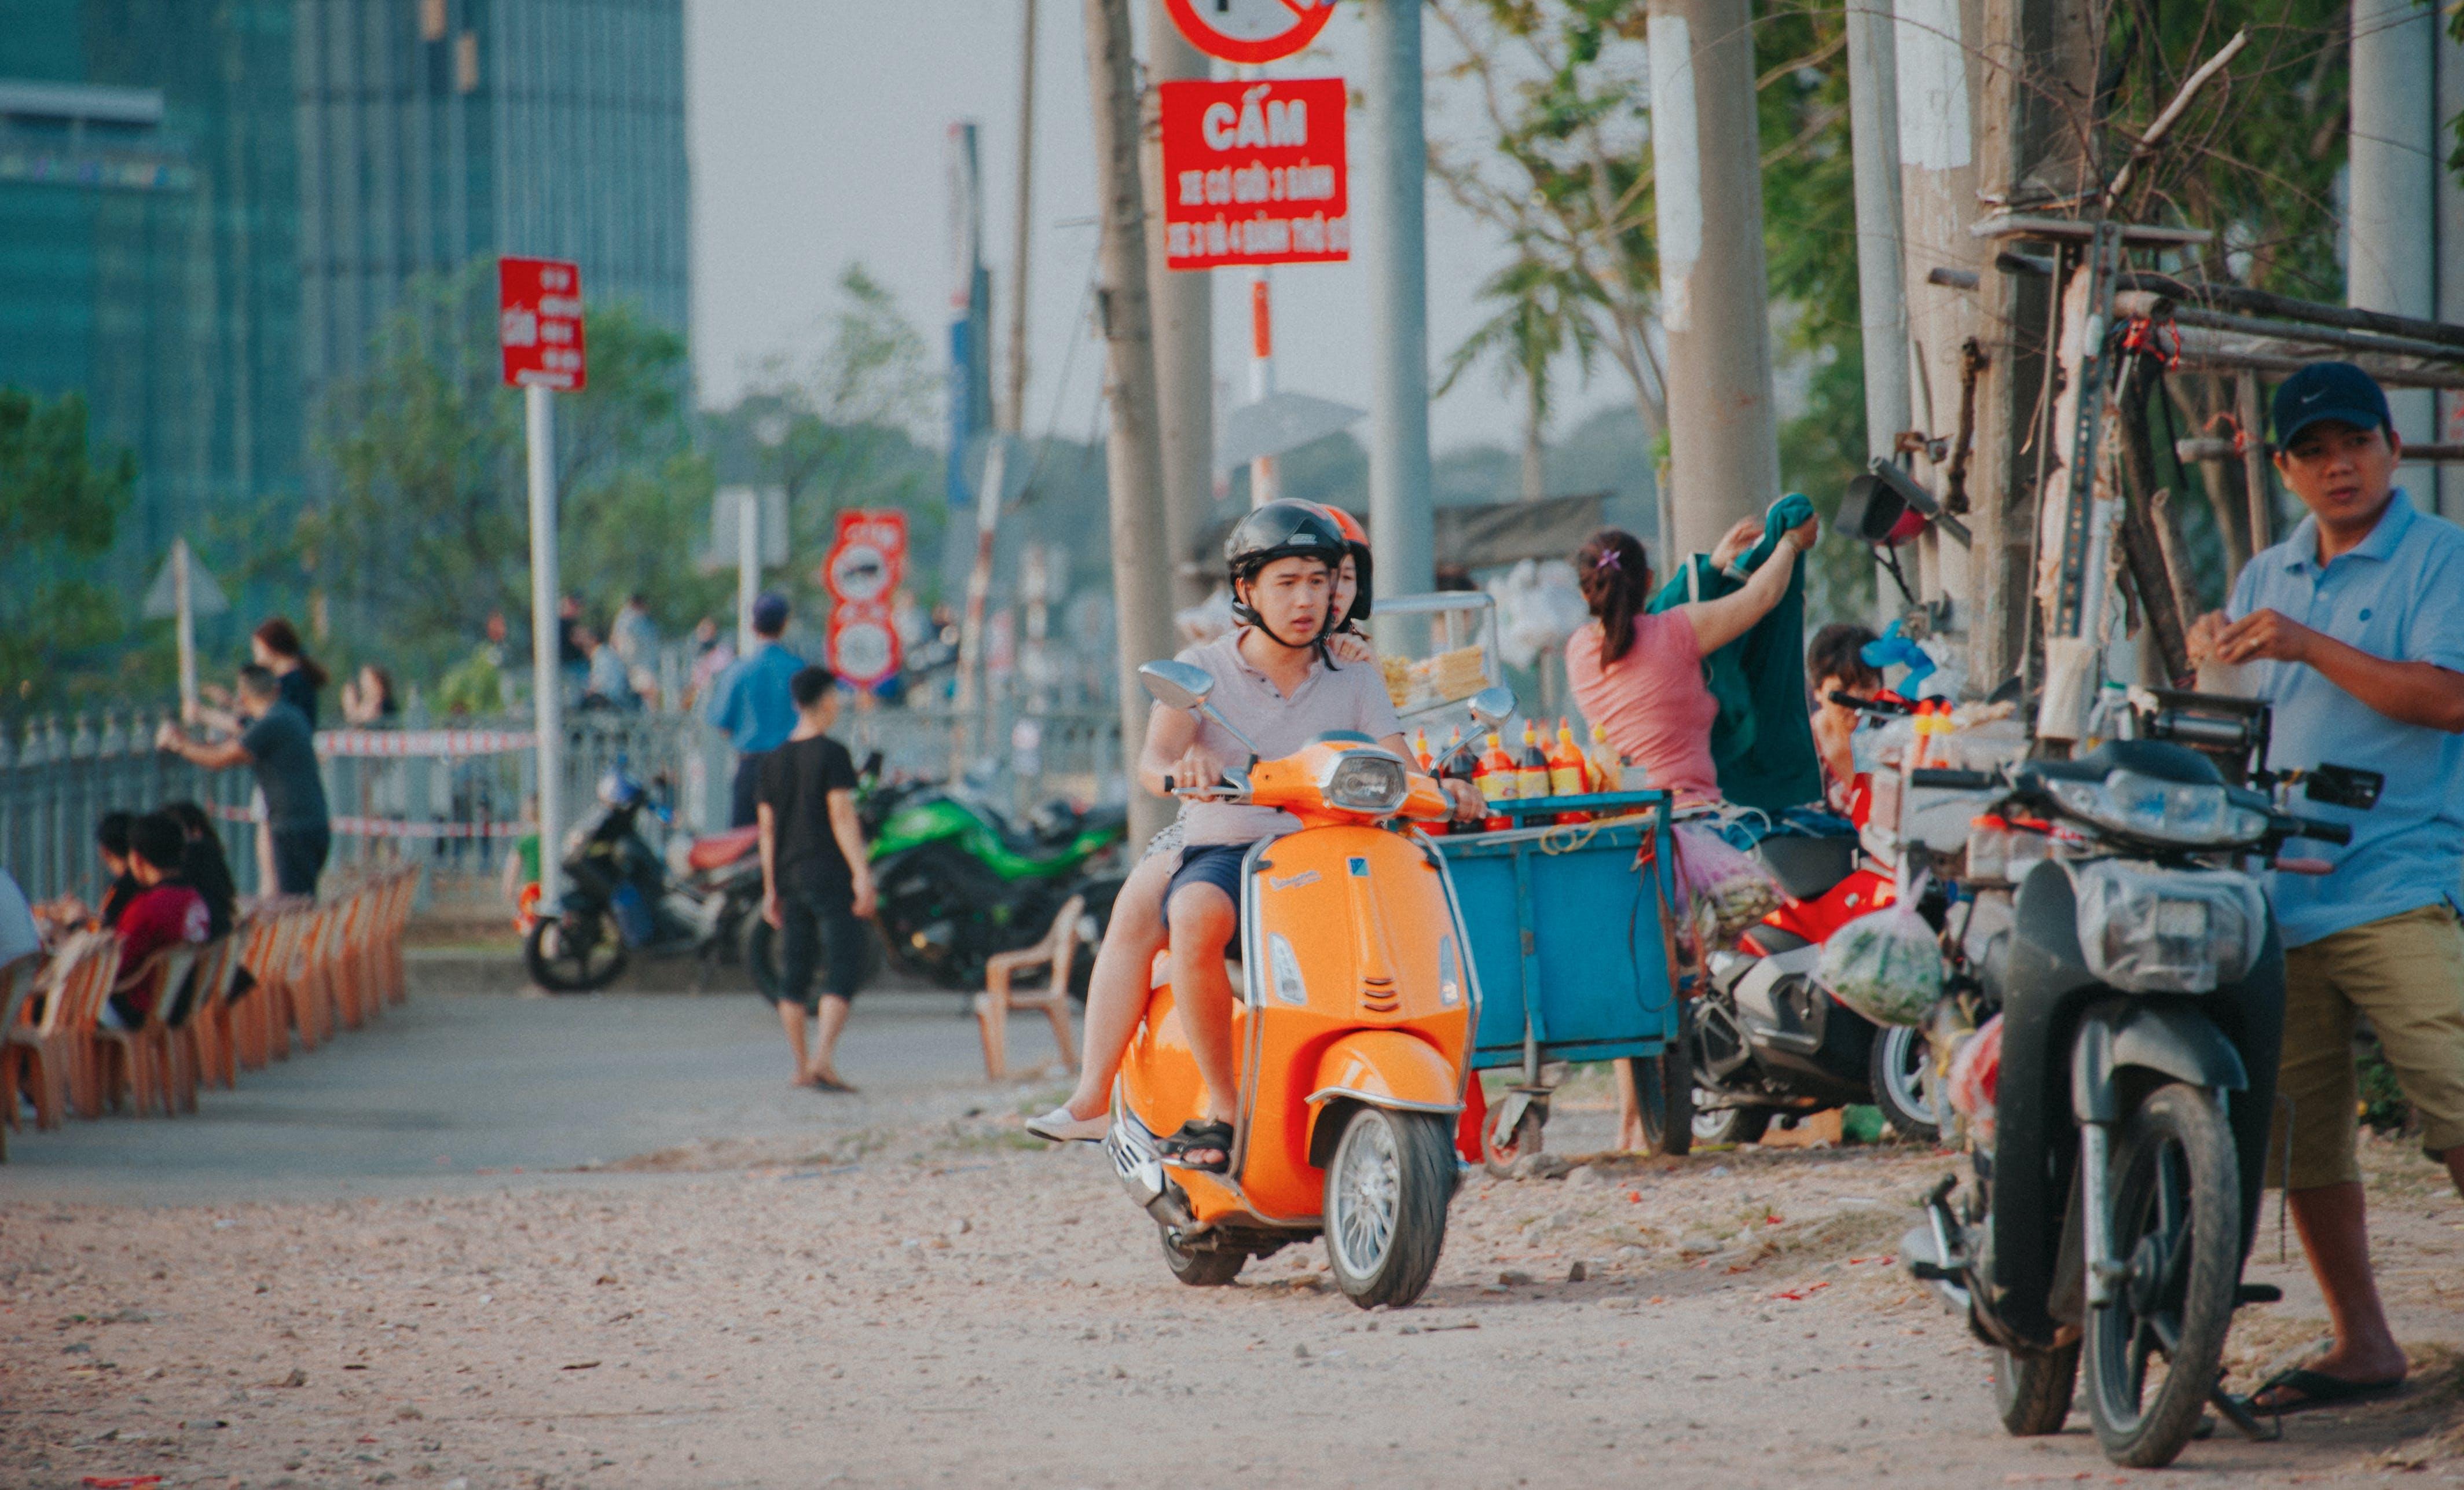 거리, 경주, 교통체계, 나무의 무료 스톡 사진